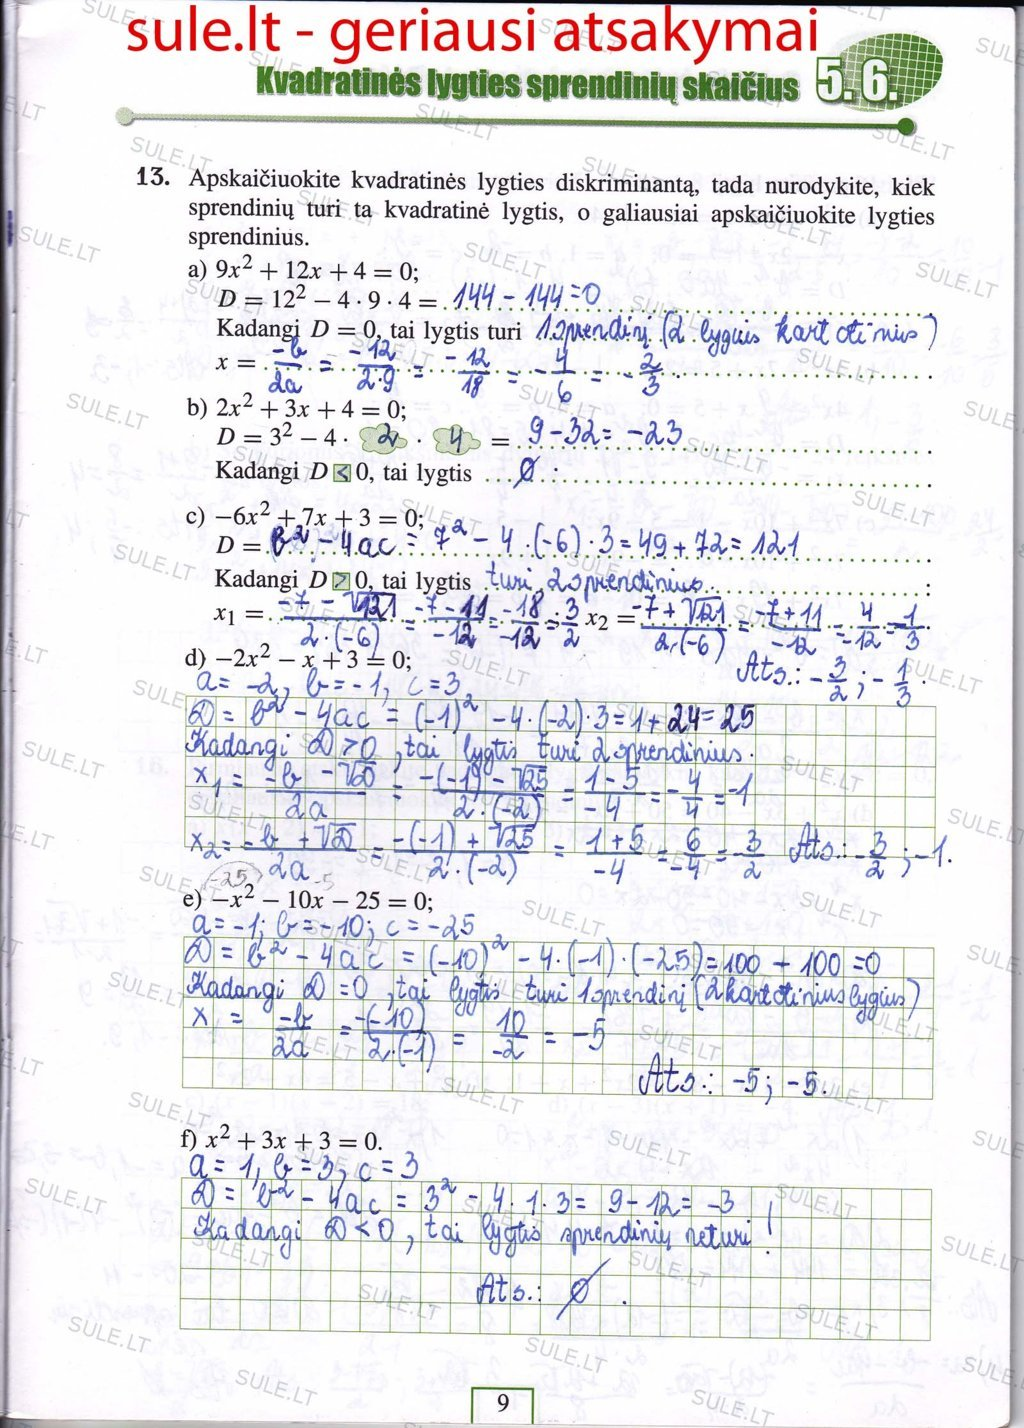 Peržiūrėti puslapį 8